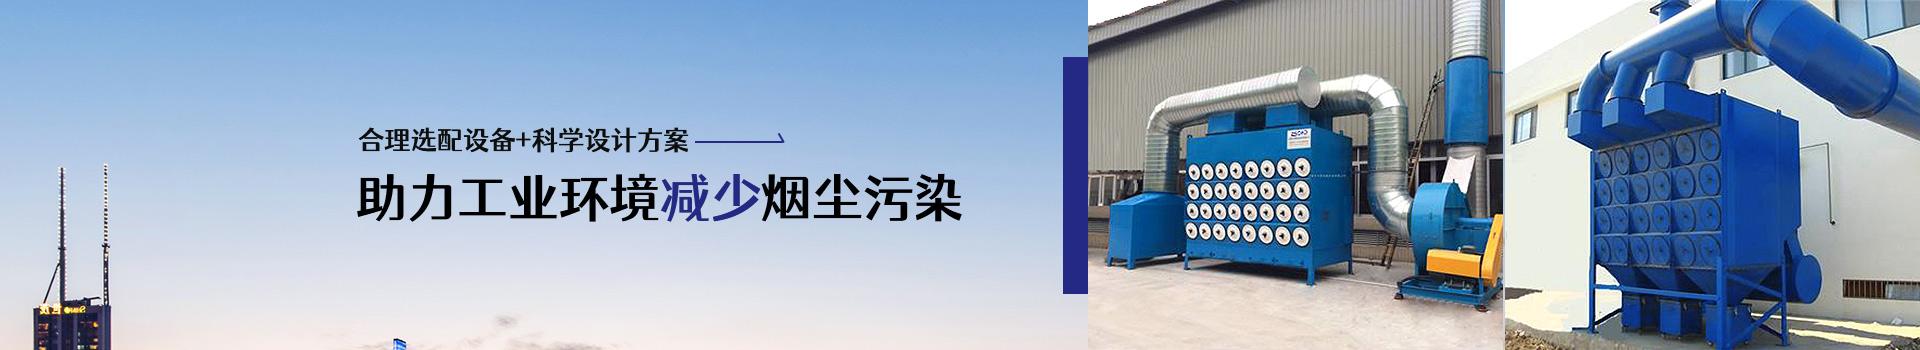 懿晟德排烟除尘系统助力工业环境减少烟尘污染